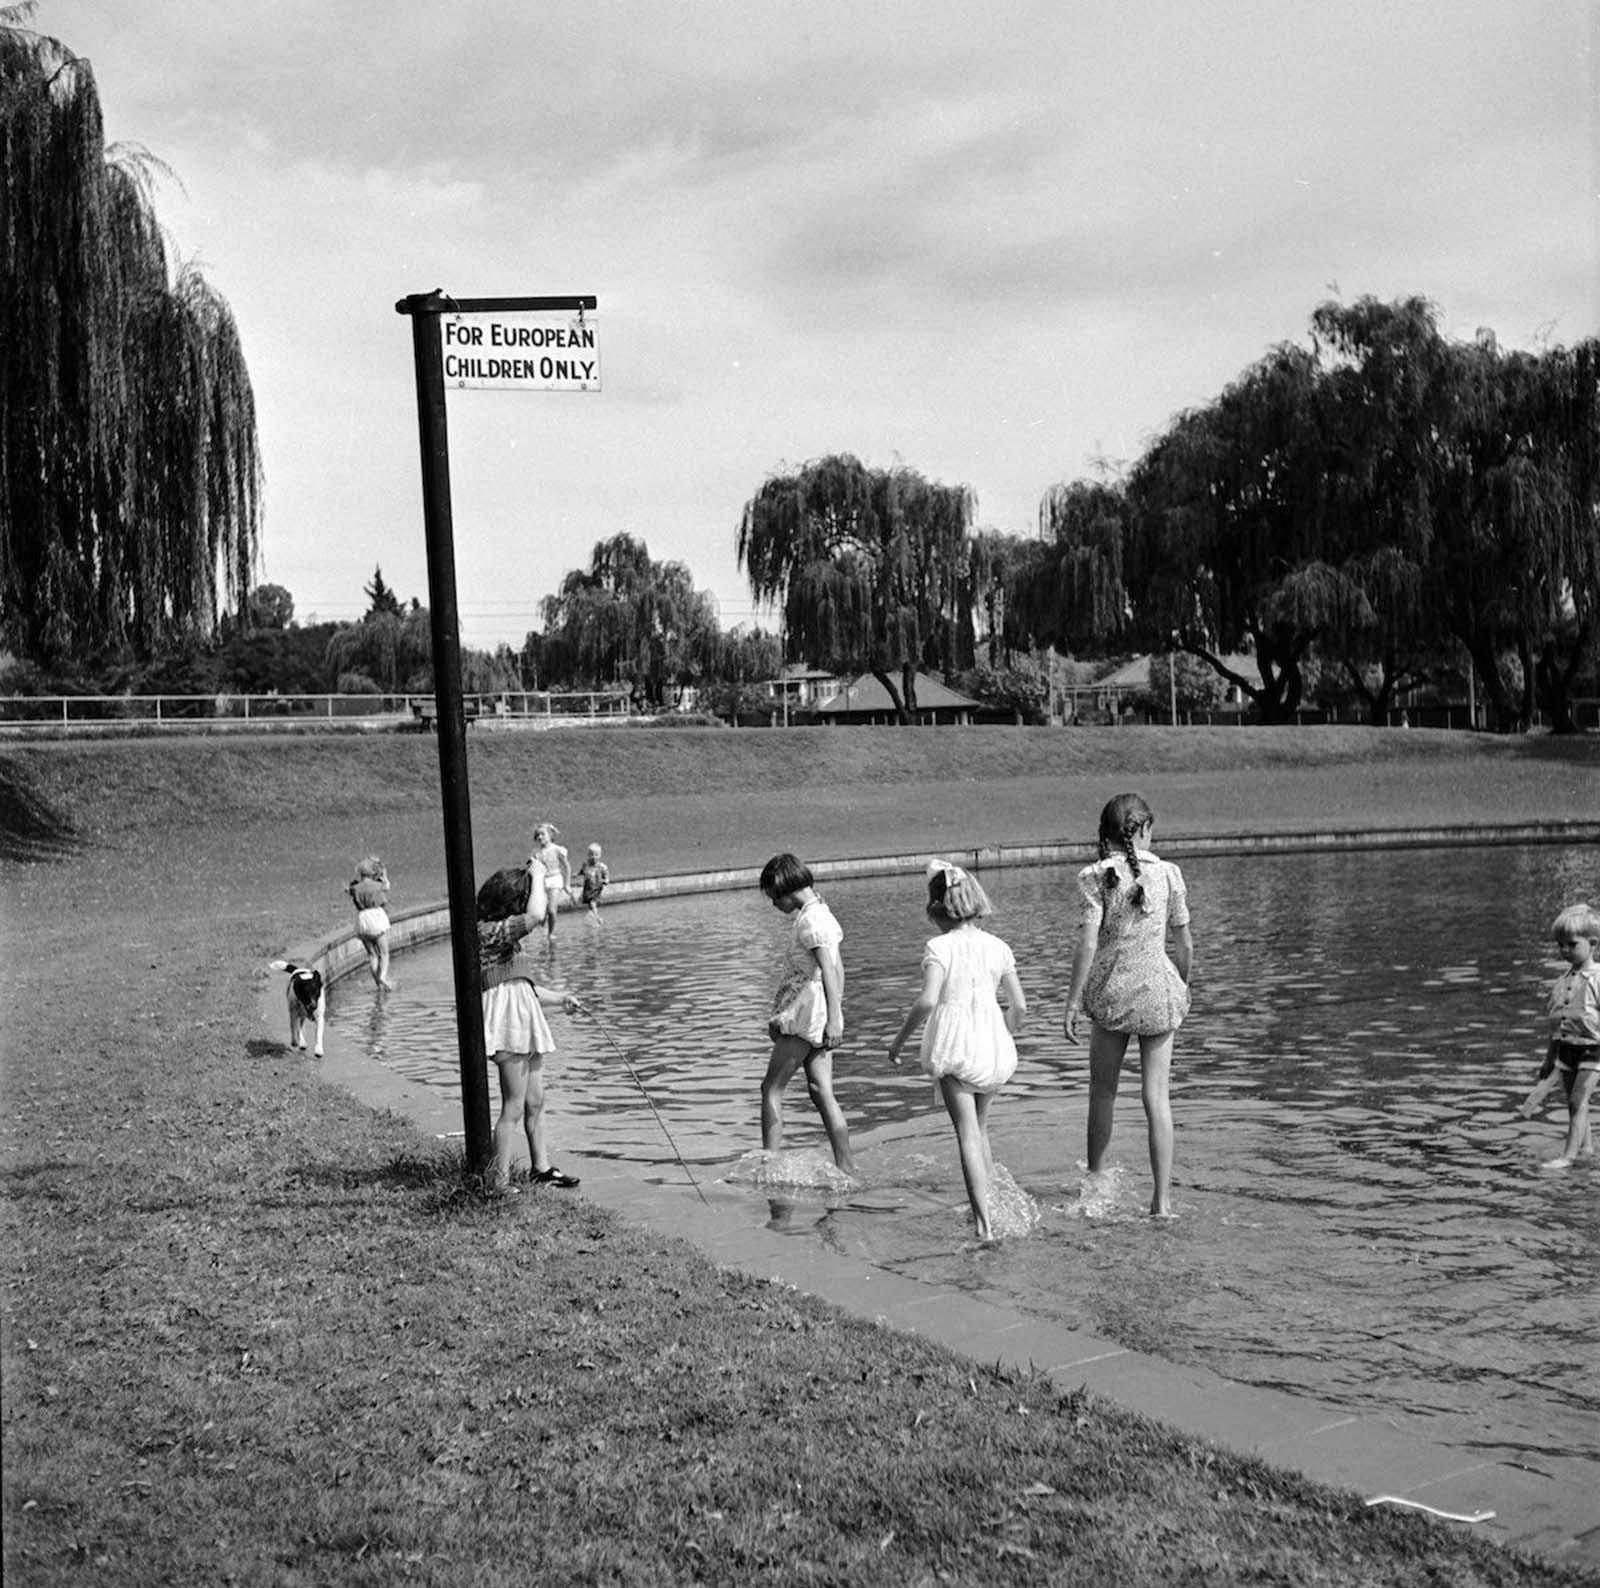 <p>1956, &quot;Само за европейски деца&quot;.</p>